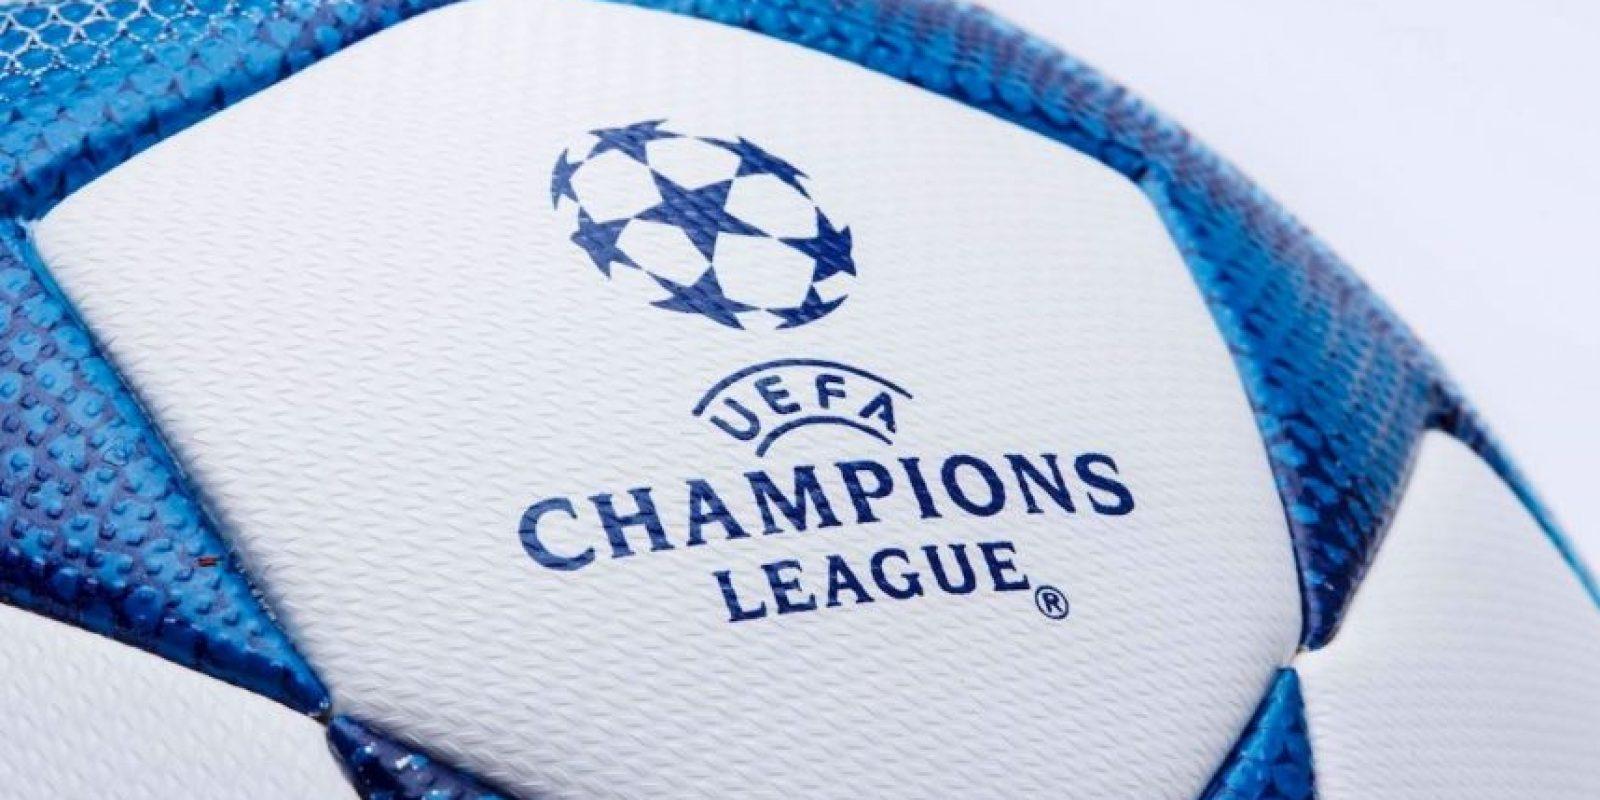 Este año, como novedad, será la primera vez en que un campeón de la Europa League clasifique de manera directa a la Champions League. Foto:Vía facebook.com/uefachampionsleague